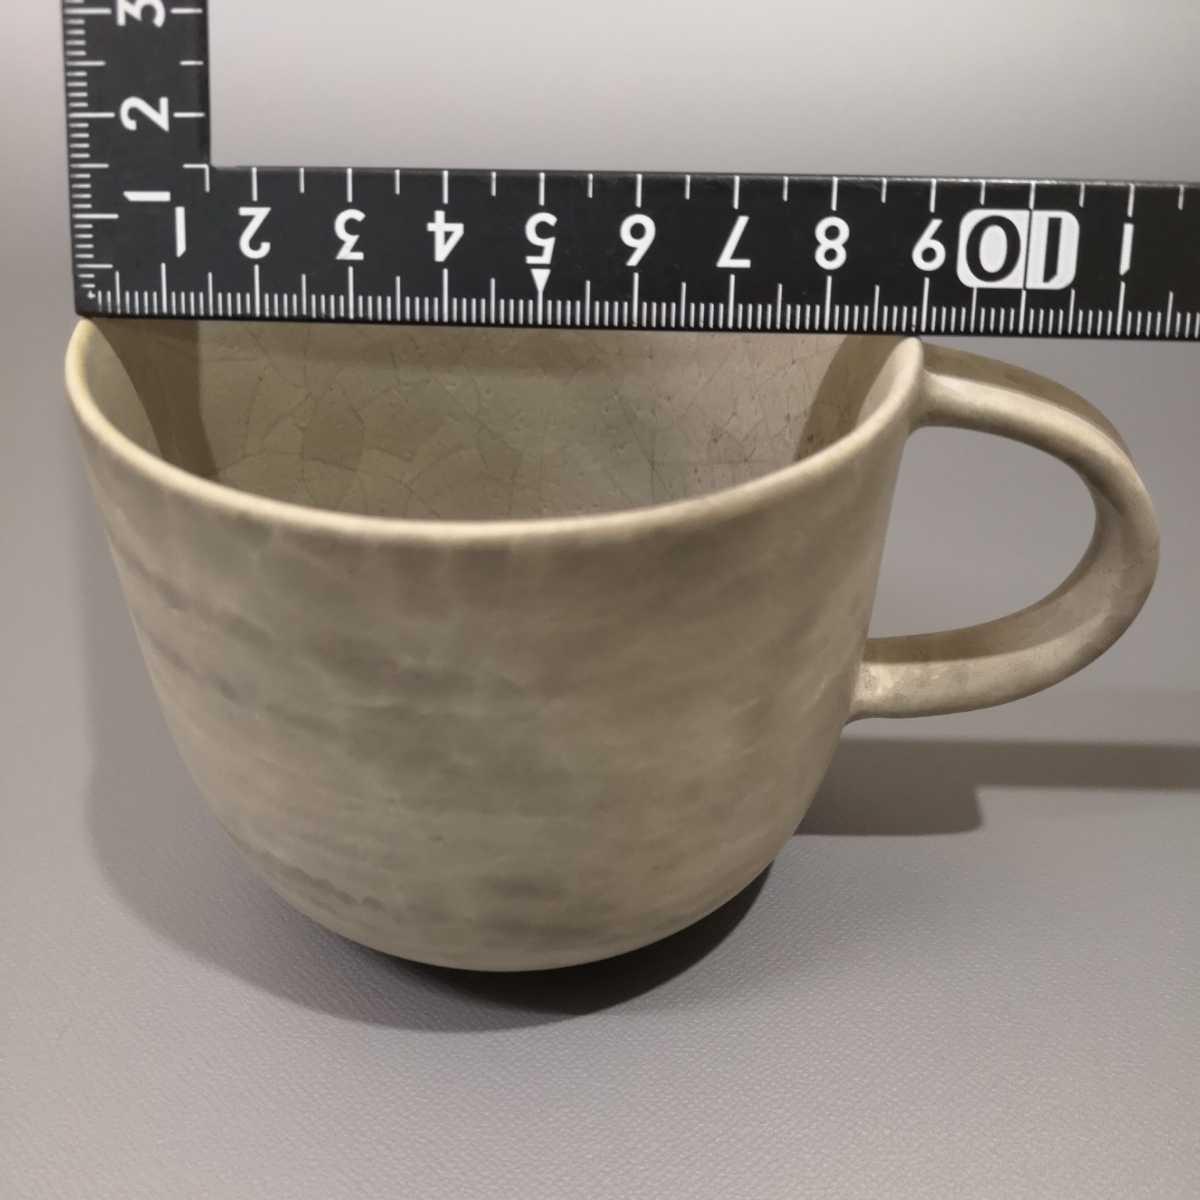 叶46)萩焼 コーヒーカップ マグカップ 珈琲器 未使用新品 同梱歓迎_画像7